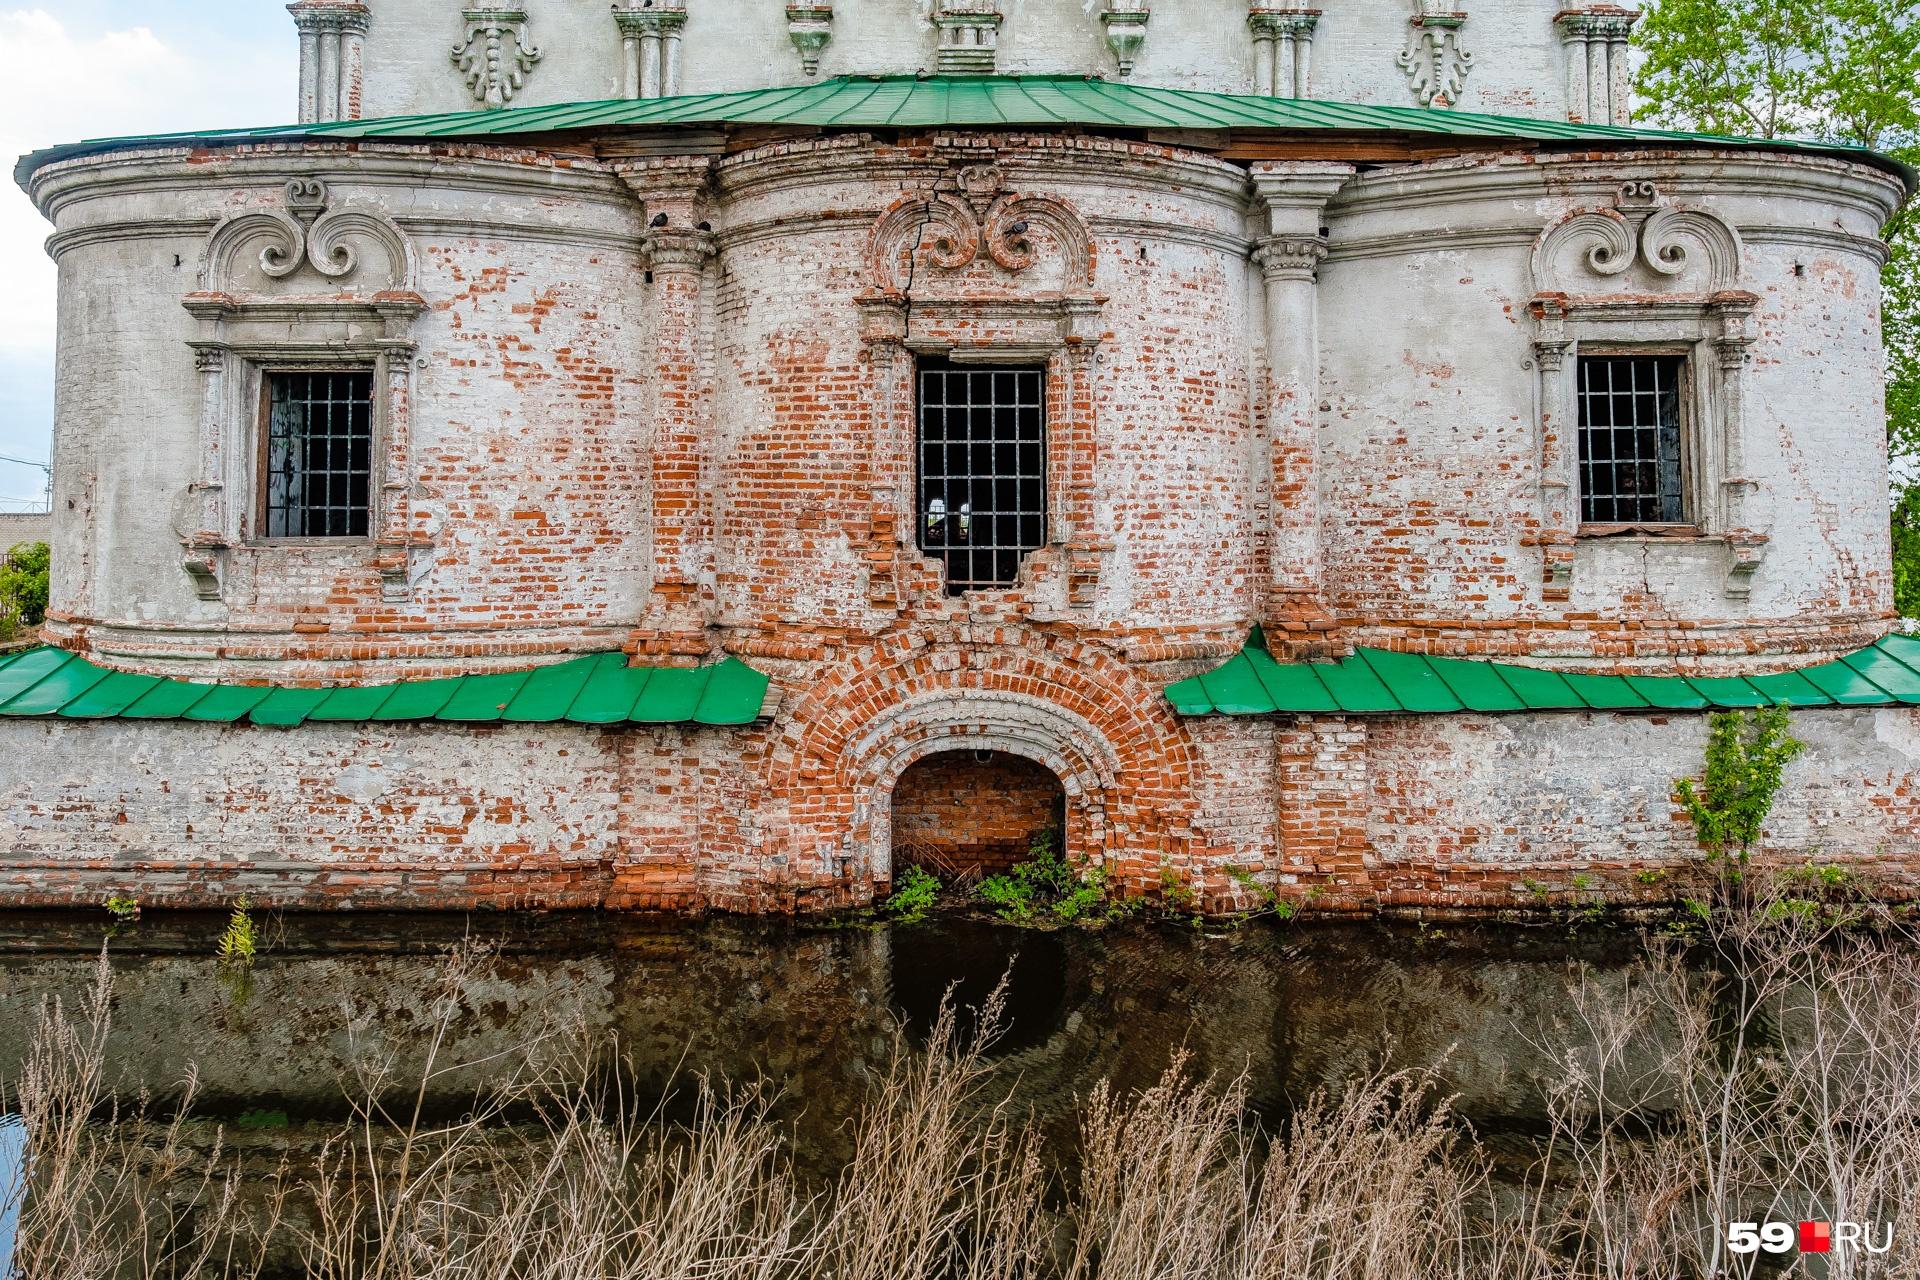 В 17-м веке храмы строили парами: летний и зимний (отапливаемый). Крестовоздвиженский собор (на фото) был зимним храмом. В морозы именно сюда переносили икону Николая Чудотворца, которую Соликамску подарил Иван Грозный